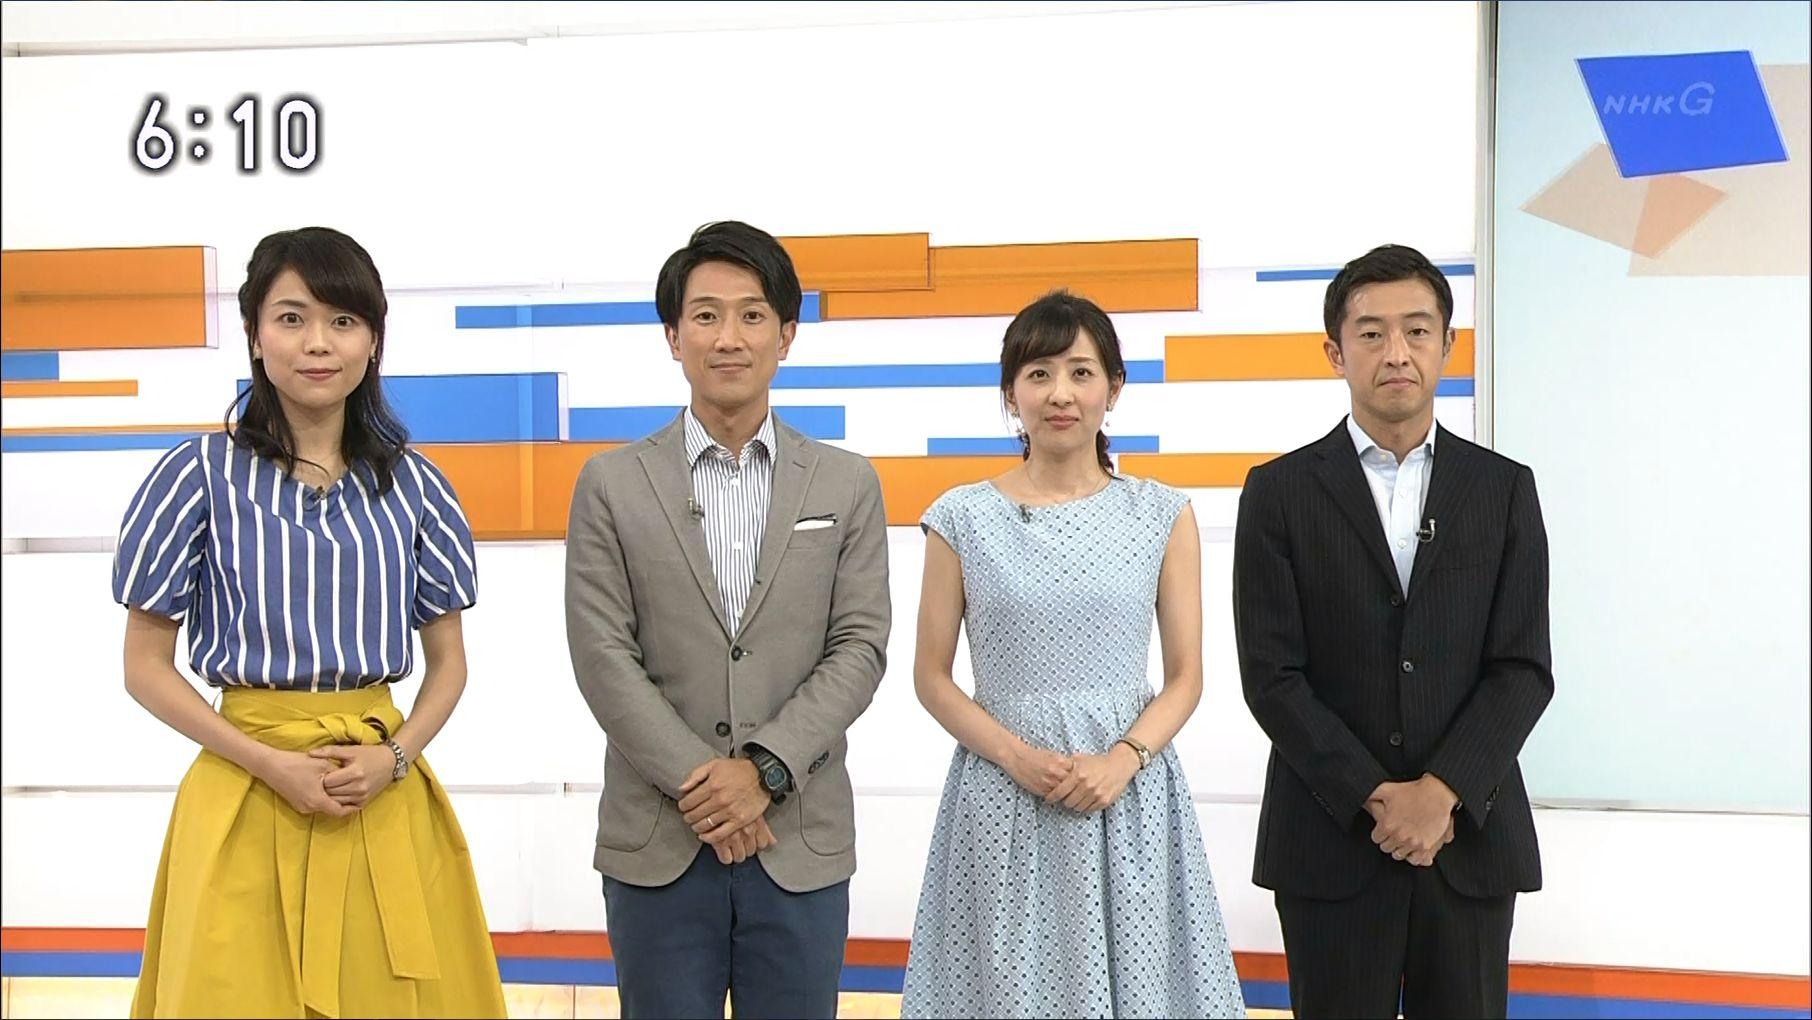 中山果奈 首都圏ネットワーク 18...